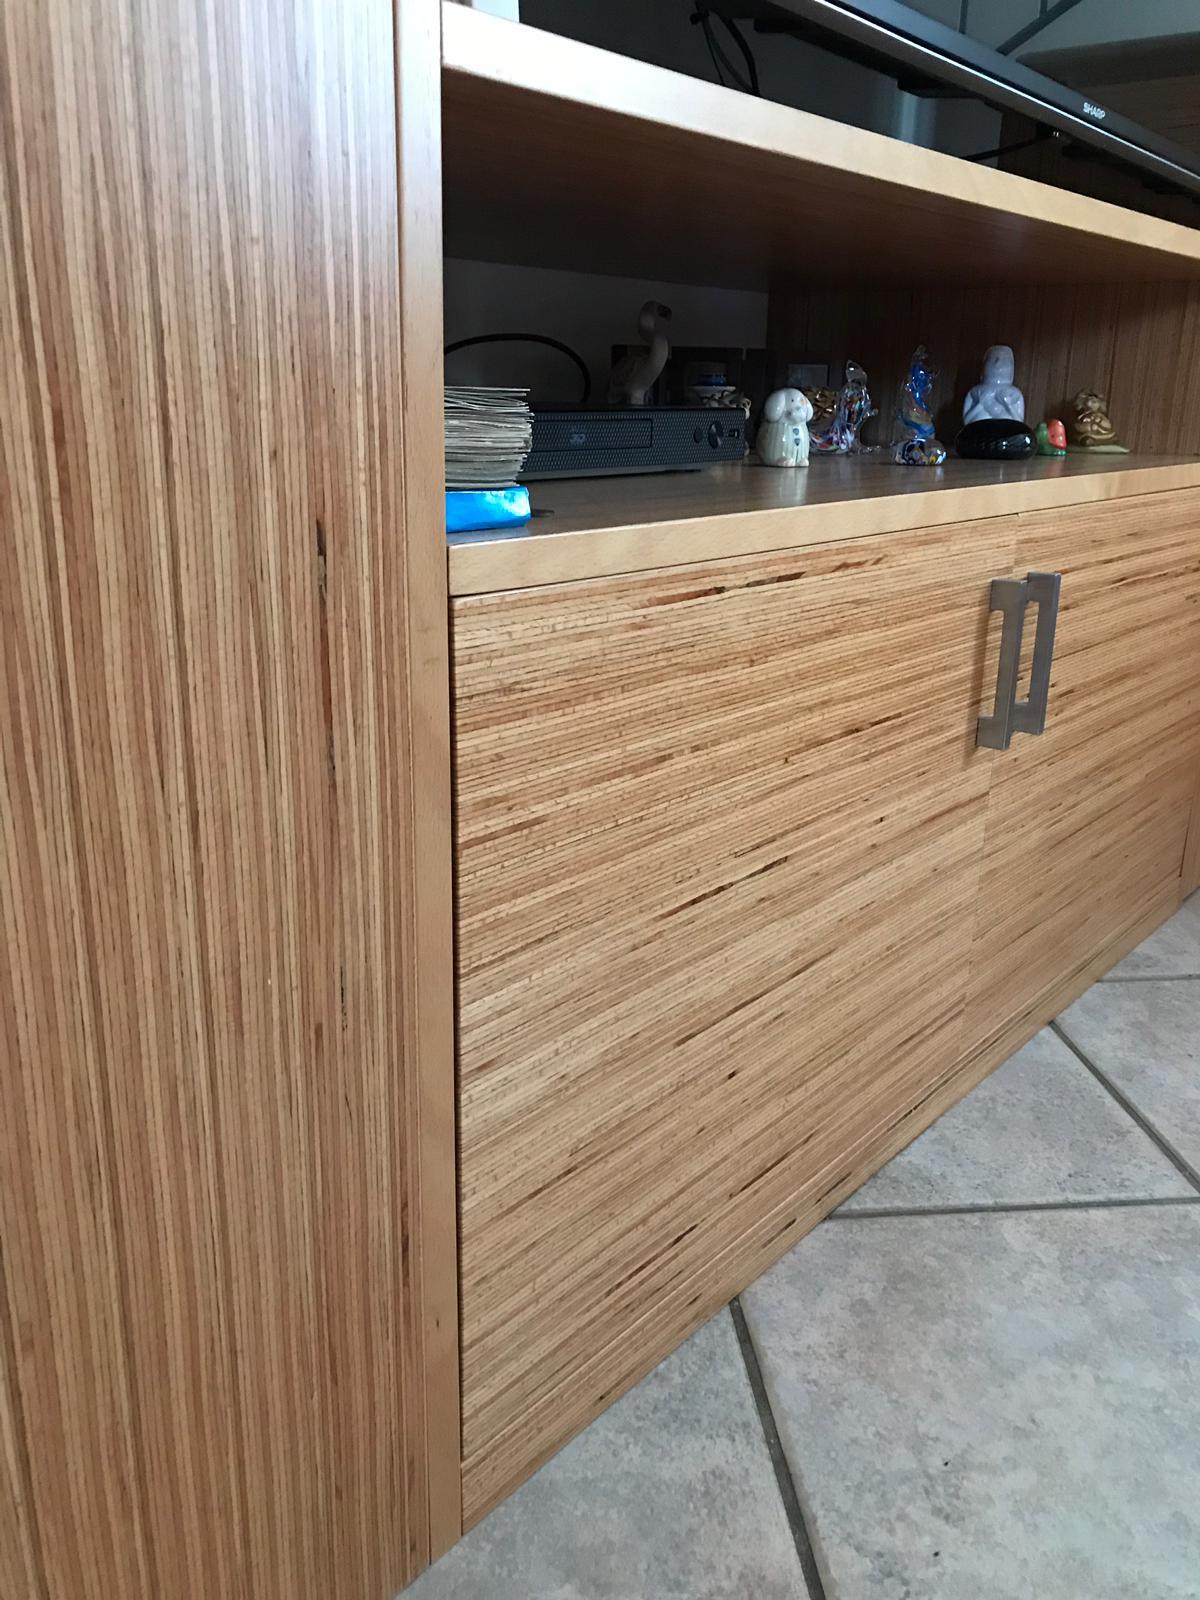 Dettaglio arredo su misura per vano sottoscala in legno lamellare faggio BauBuche verniciato al naturale. Progetto: architetto Roberto Virdis